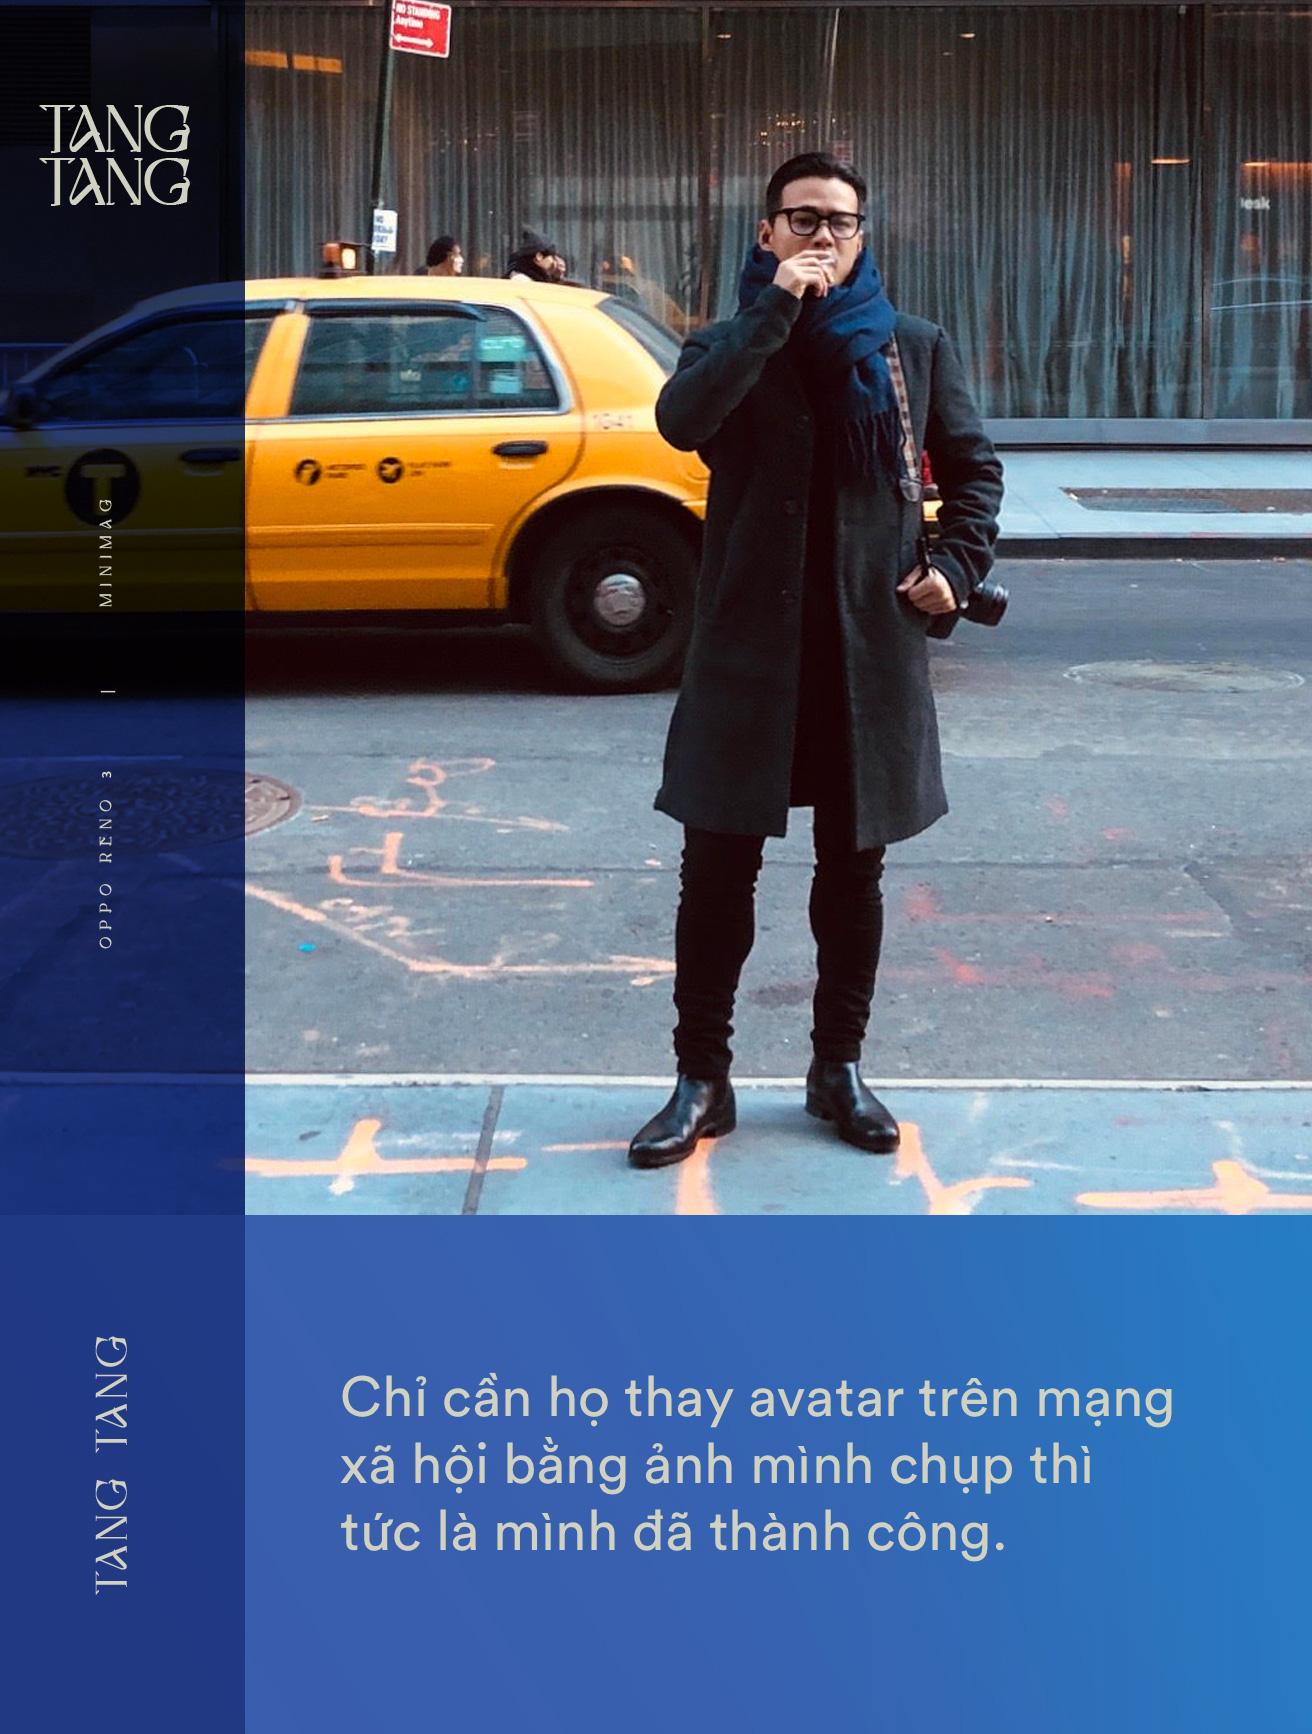 Đi tìm chiều sâu trong từng bức ảnh cùng nhiếp ảnh gia Tang Tang - Ảnh 3.